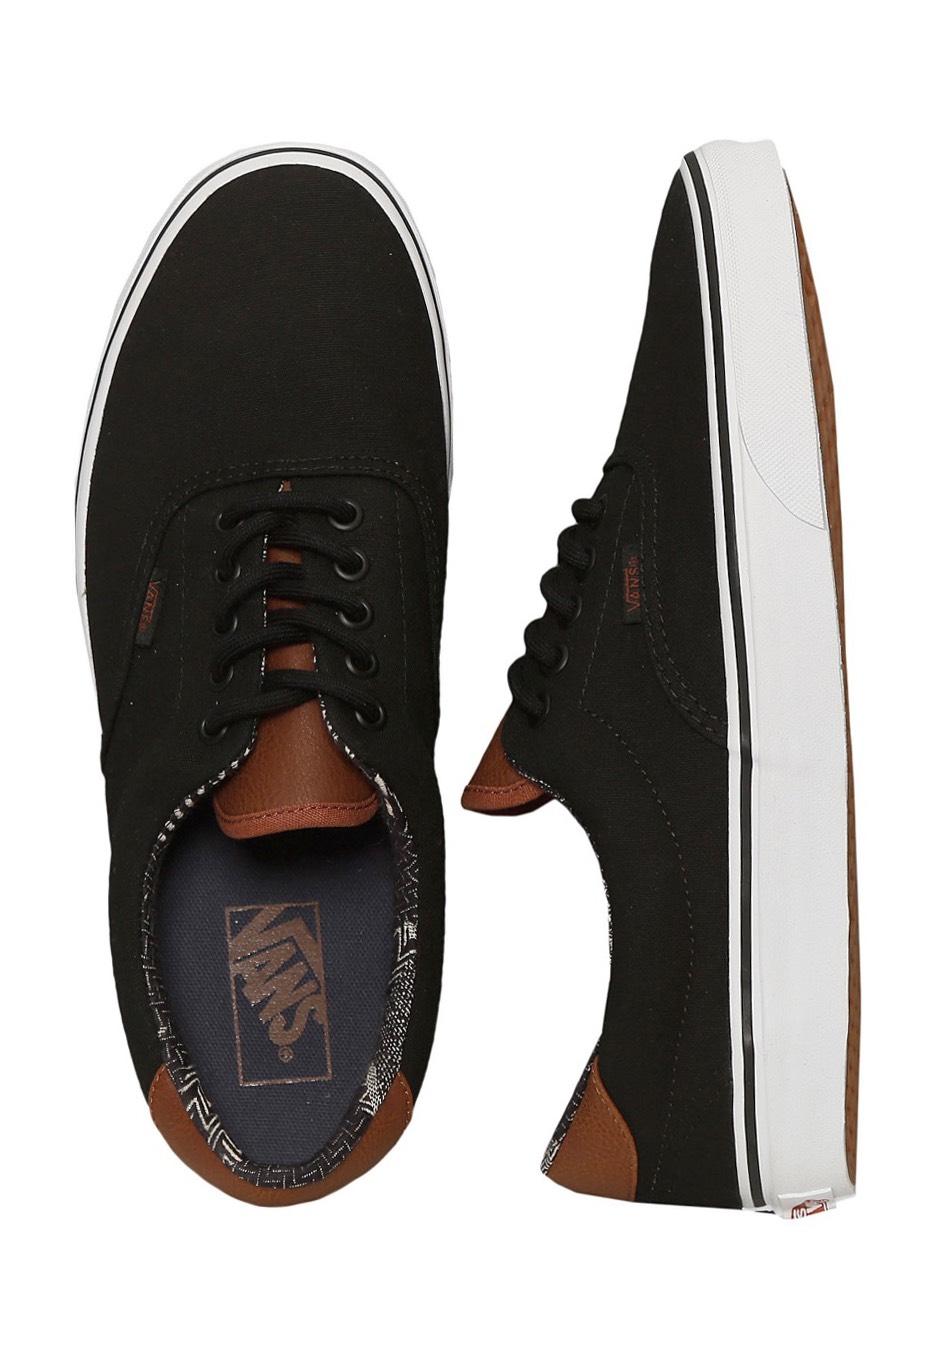 Vans - Era 59 C L Black Material Mix - Shoes - Impericon.com UK 1873ef6a3641